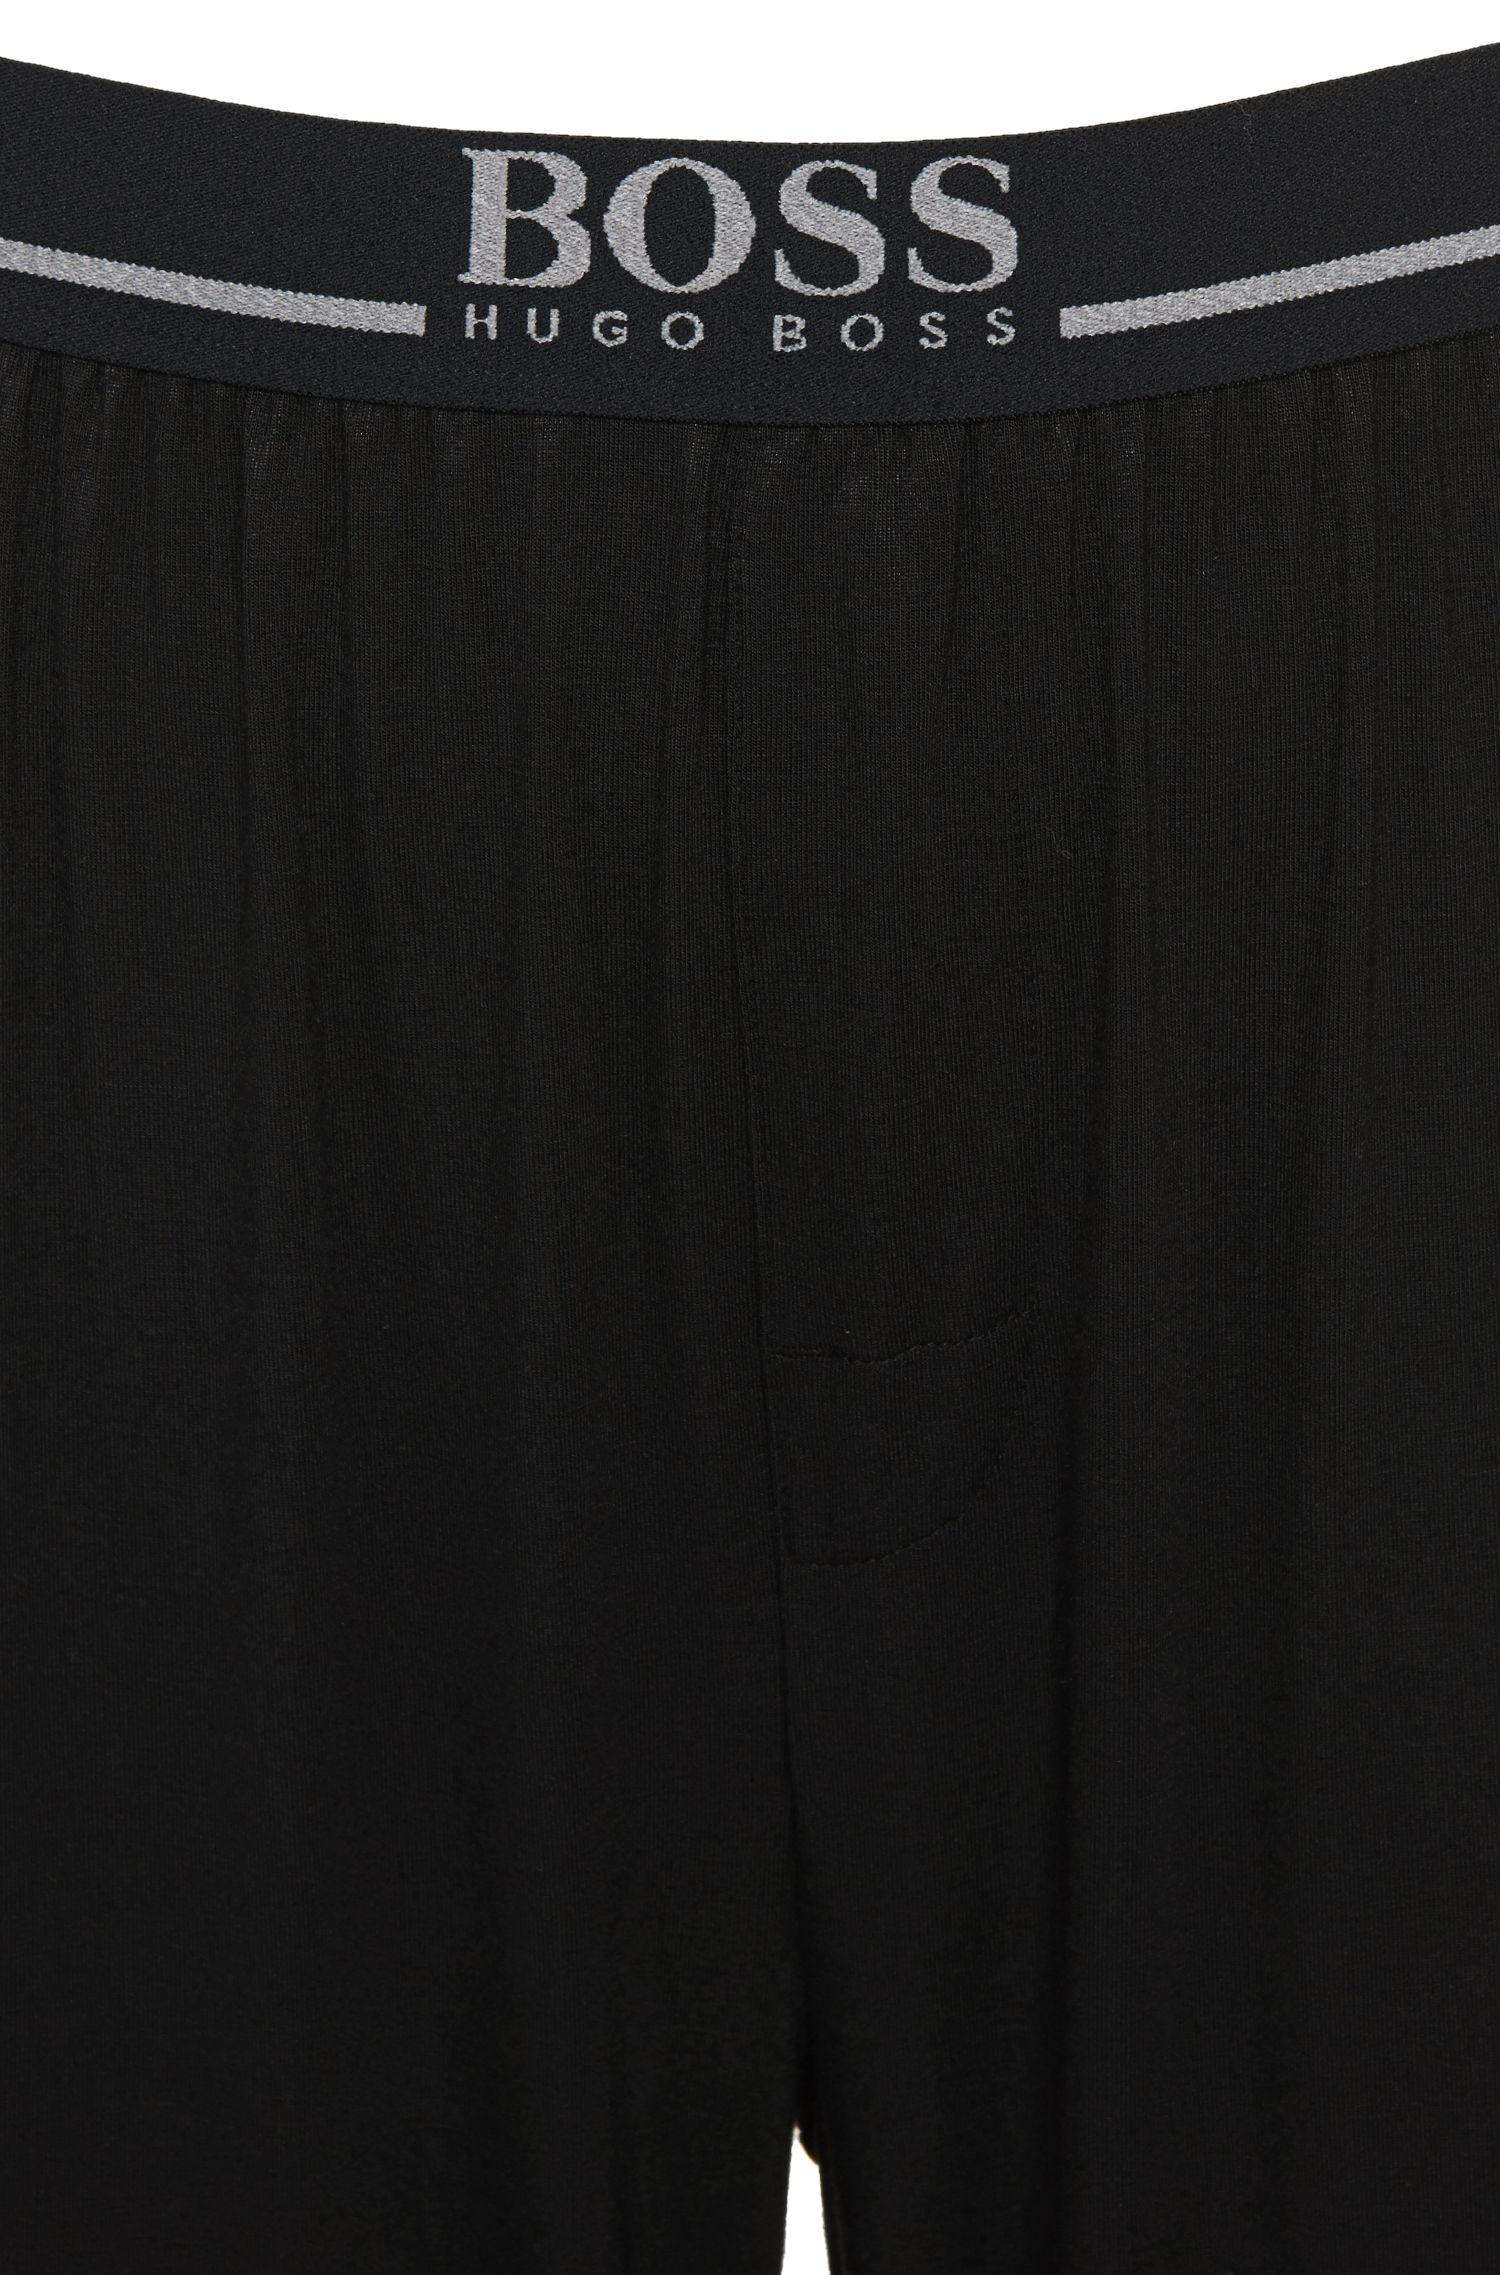 Stretch Modal Lounge Pant | Long Pant EW